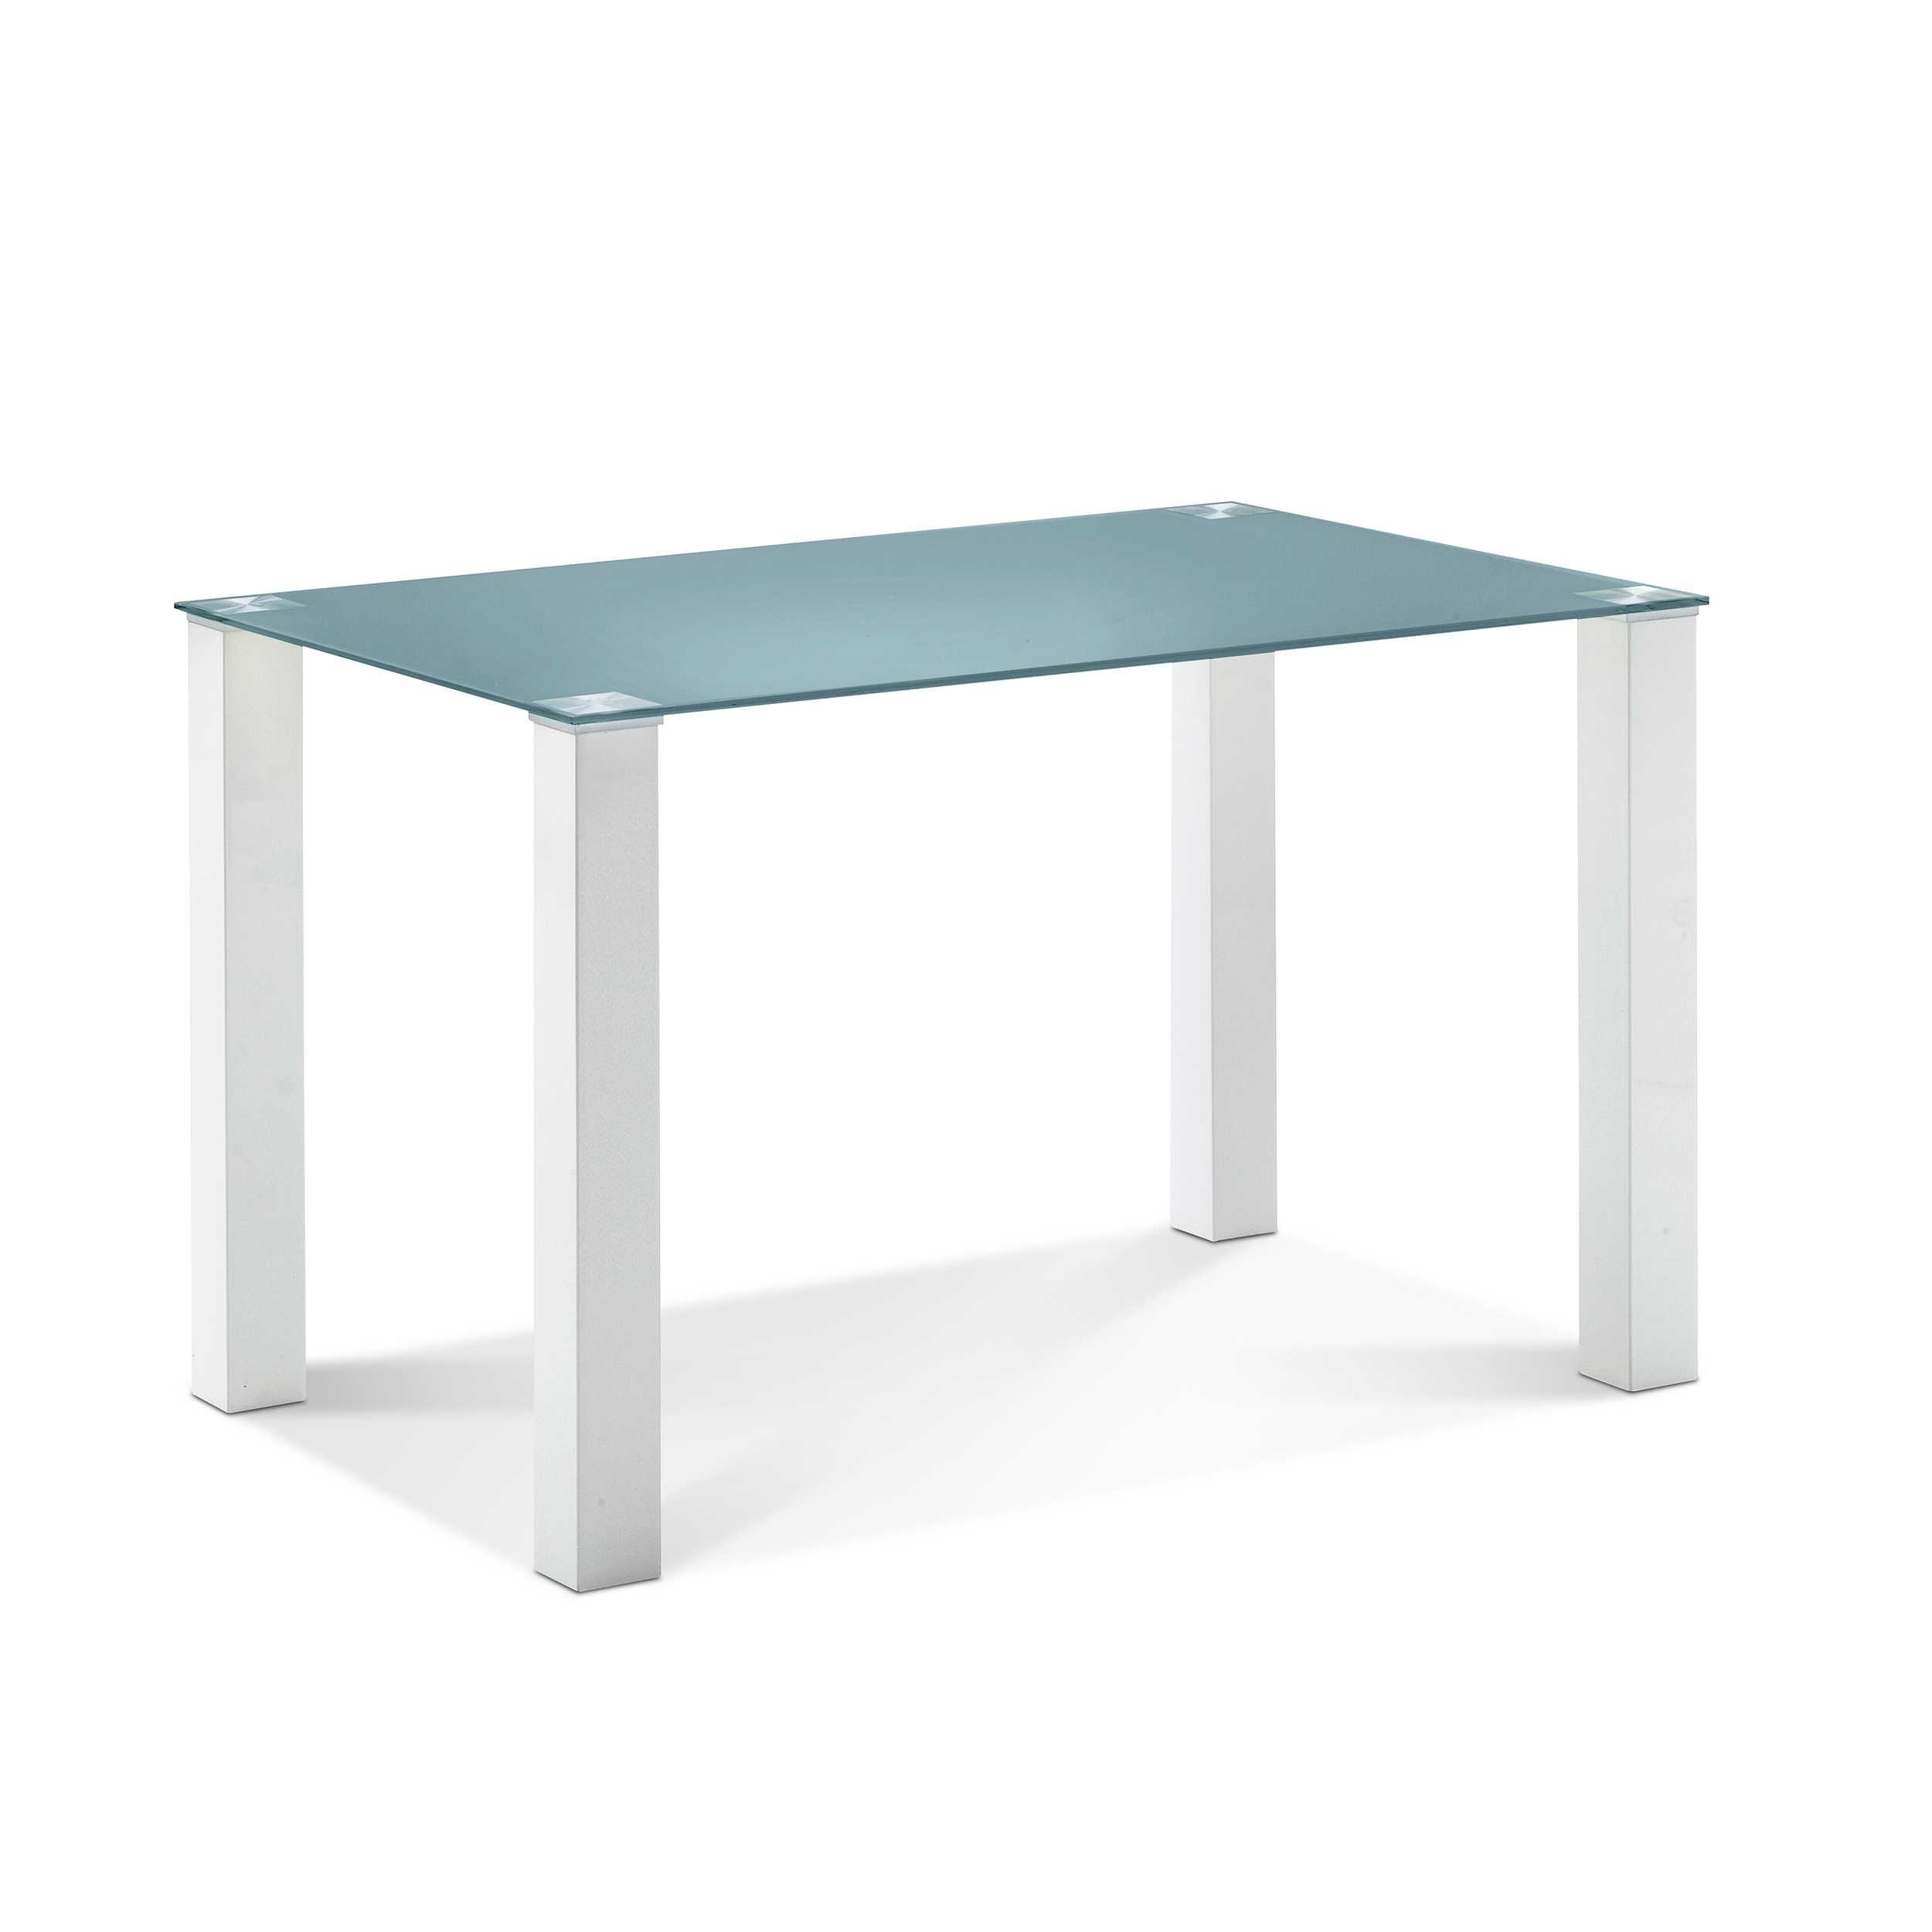 mca esstisch cintano 120 x 80 cm blau glas online kaufen bei woonio. Black Bedroom Furniture Sets. Home Design Ideas